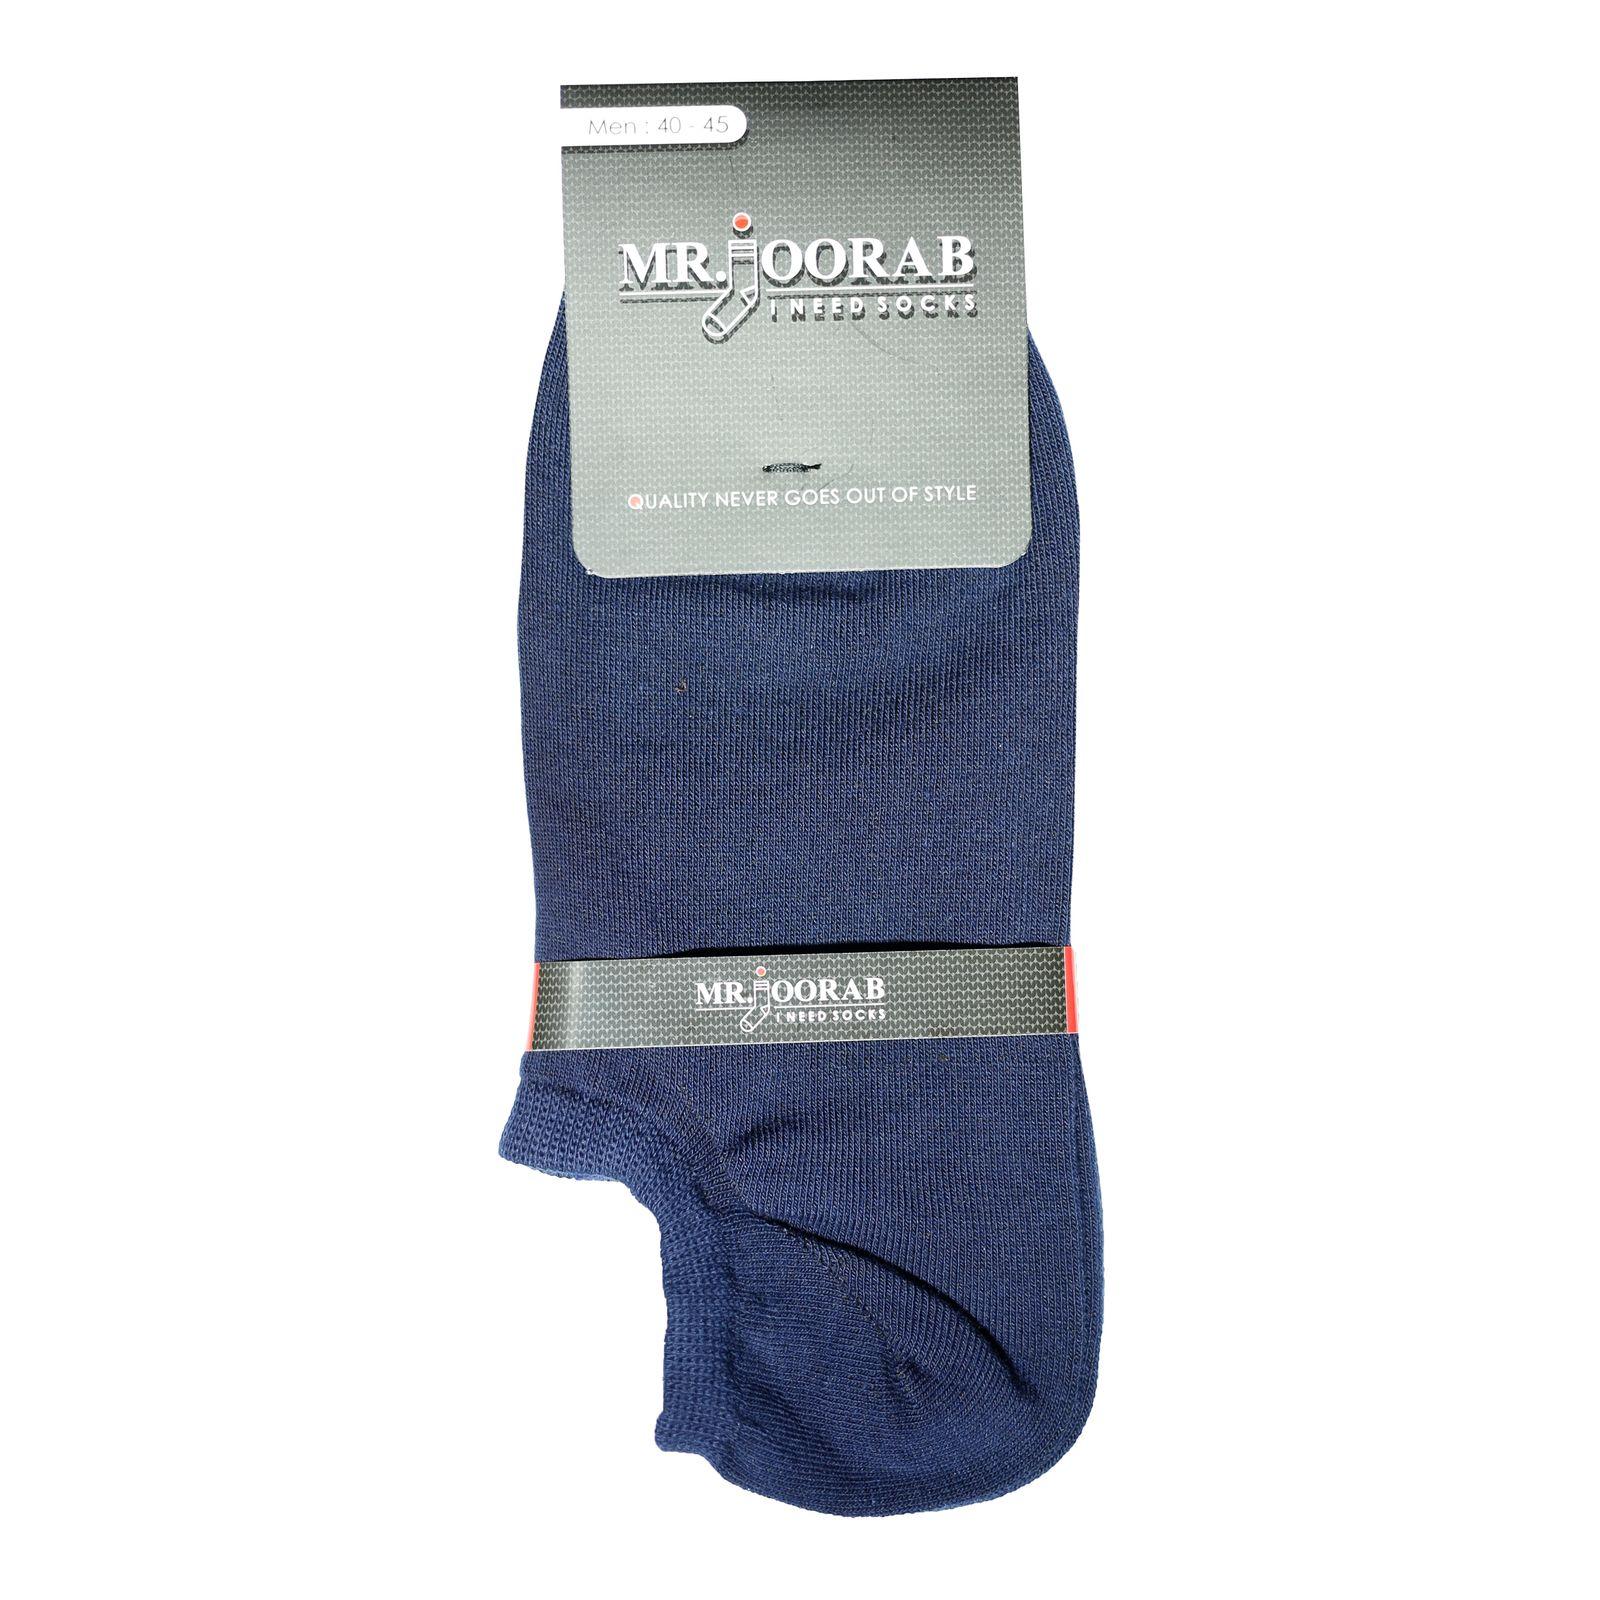 جوراب مردانه مستر جوراب کد BL-MRM 109 بسته 4 عددی -  - 3